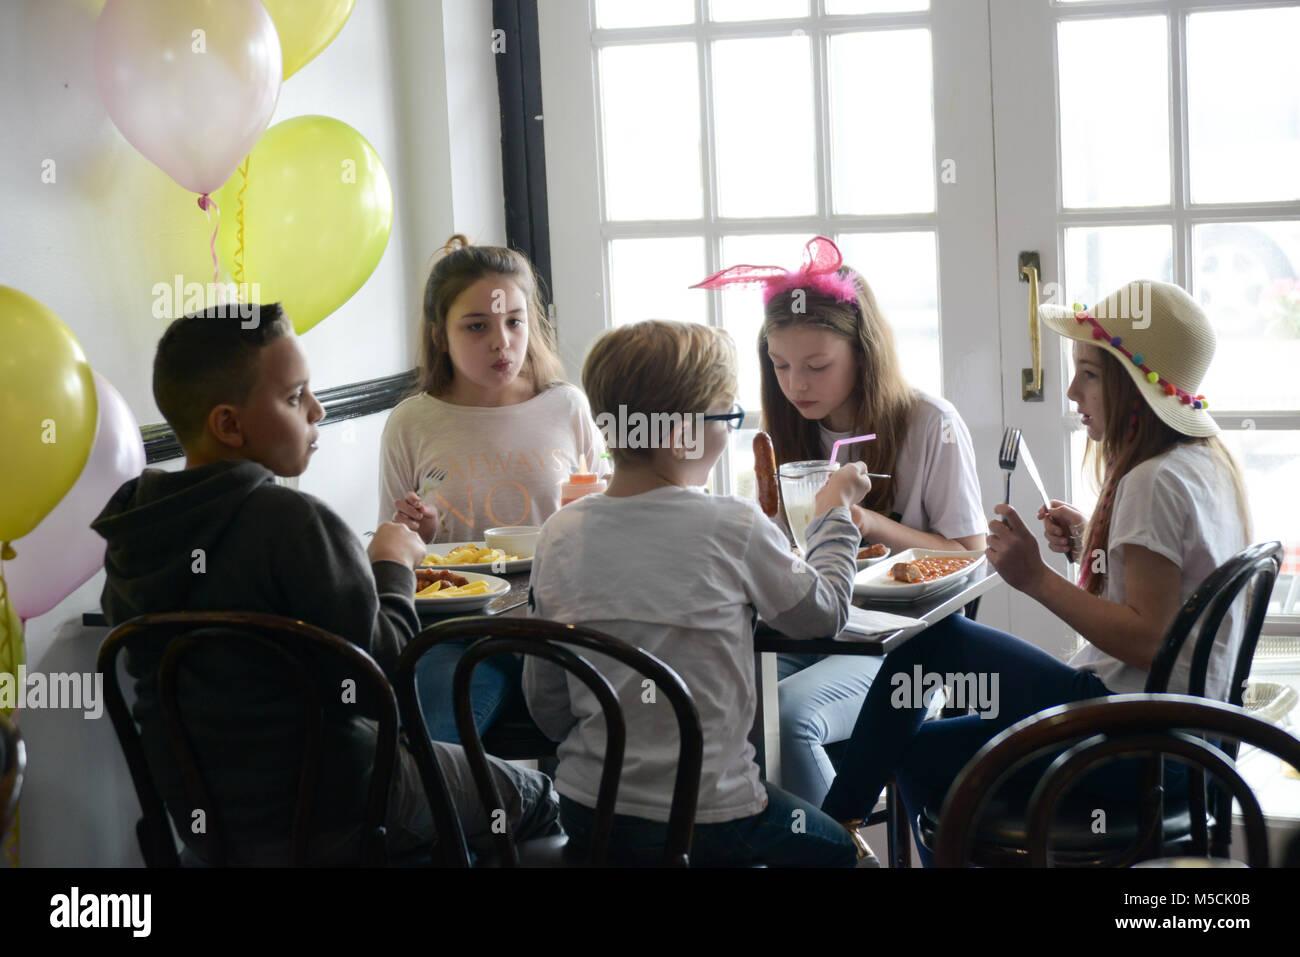 Cinco niños pequeños están sentados en una mesa comiendo parte alimentos fritos y beber batidos- Imagen De Stock